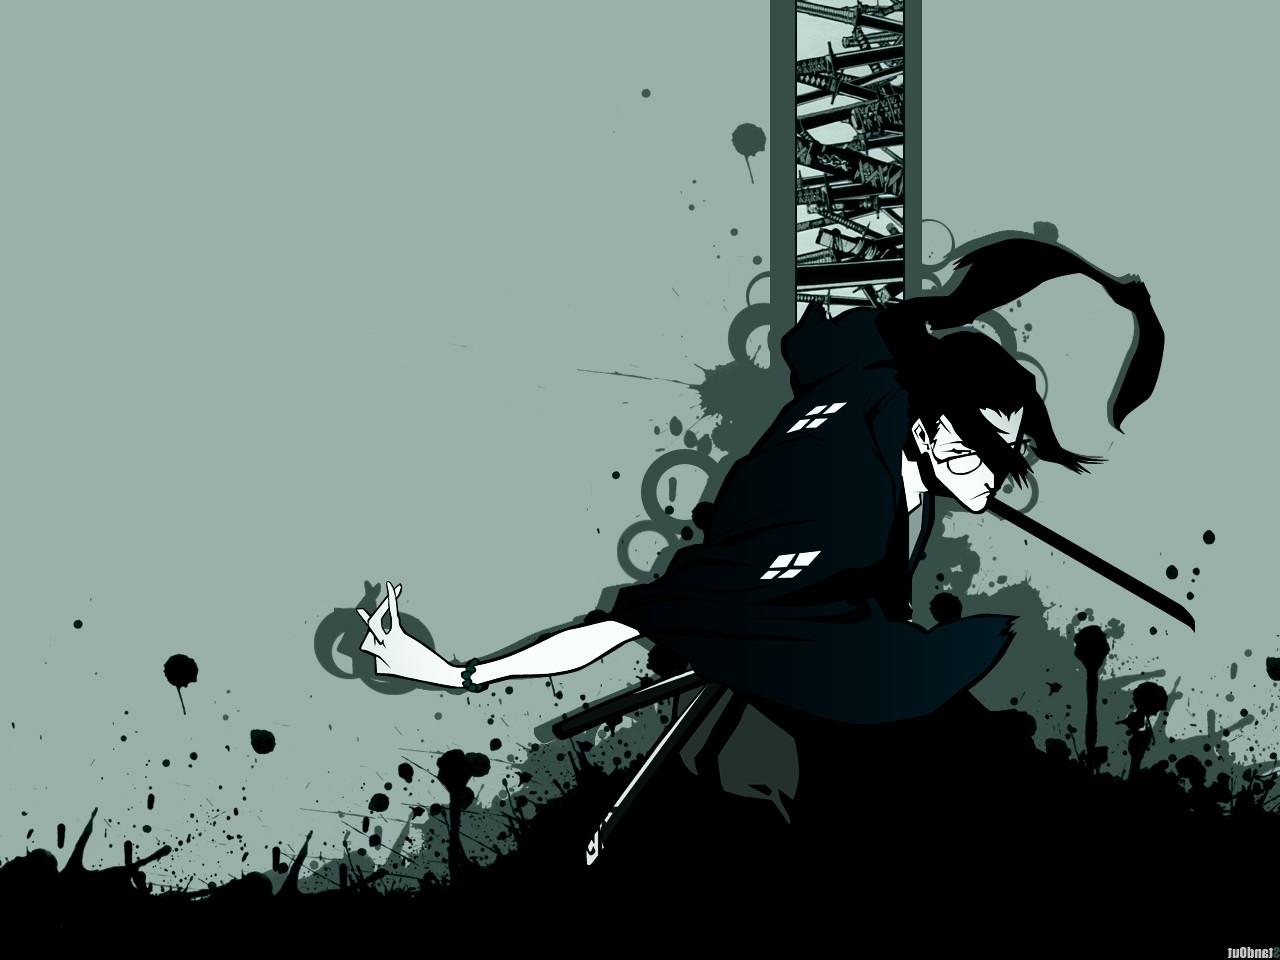 デスクトップ壁紙 図 アニメ シルエット 漫画 サムライ